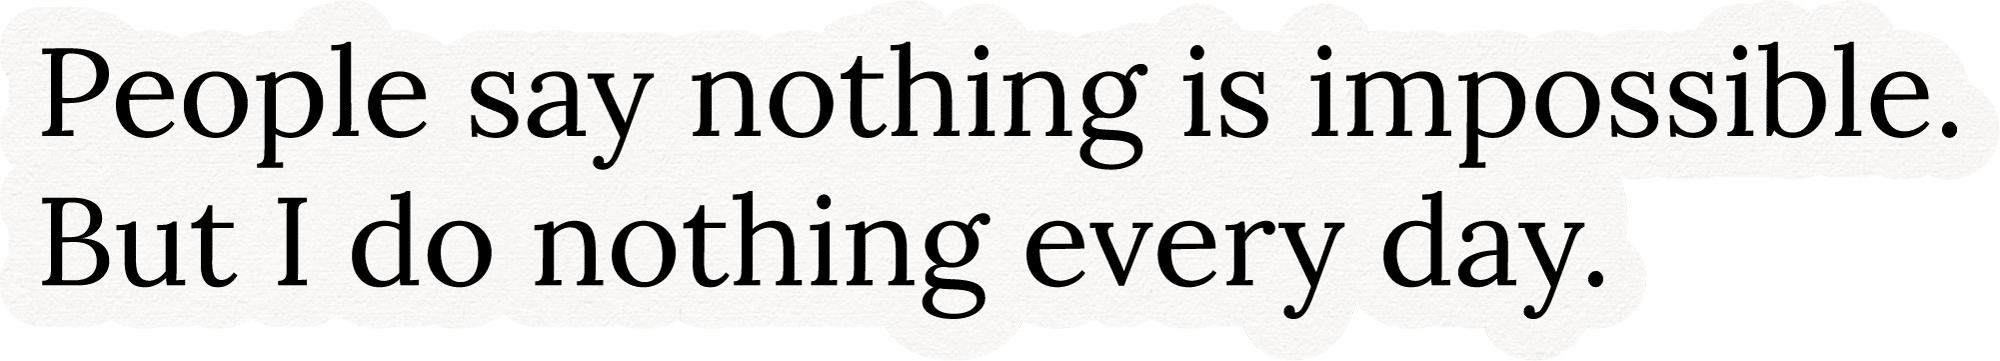 英文文字短句句子短语